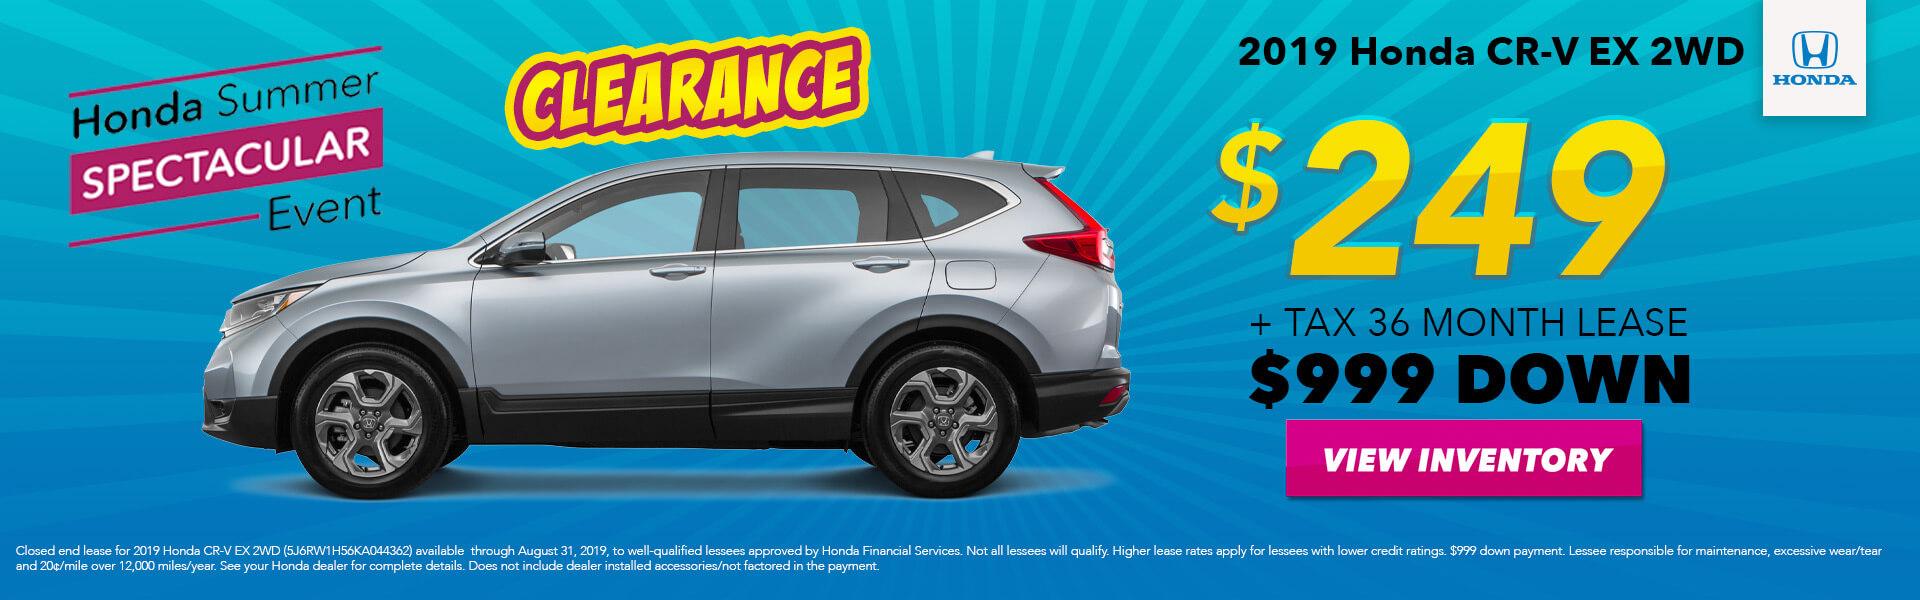 2019 Honda CR-V EX Lease for $249